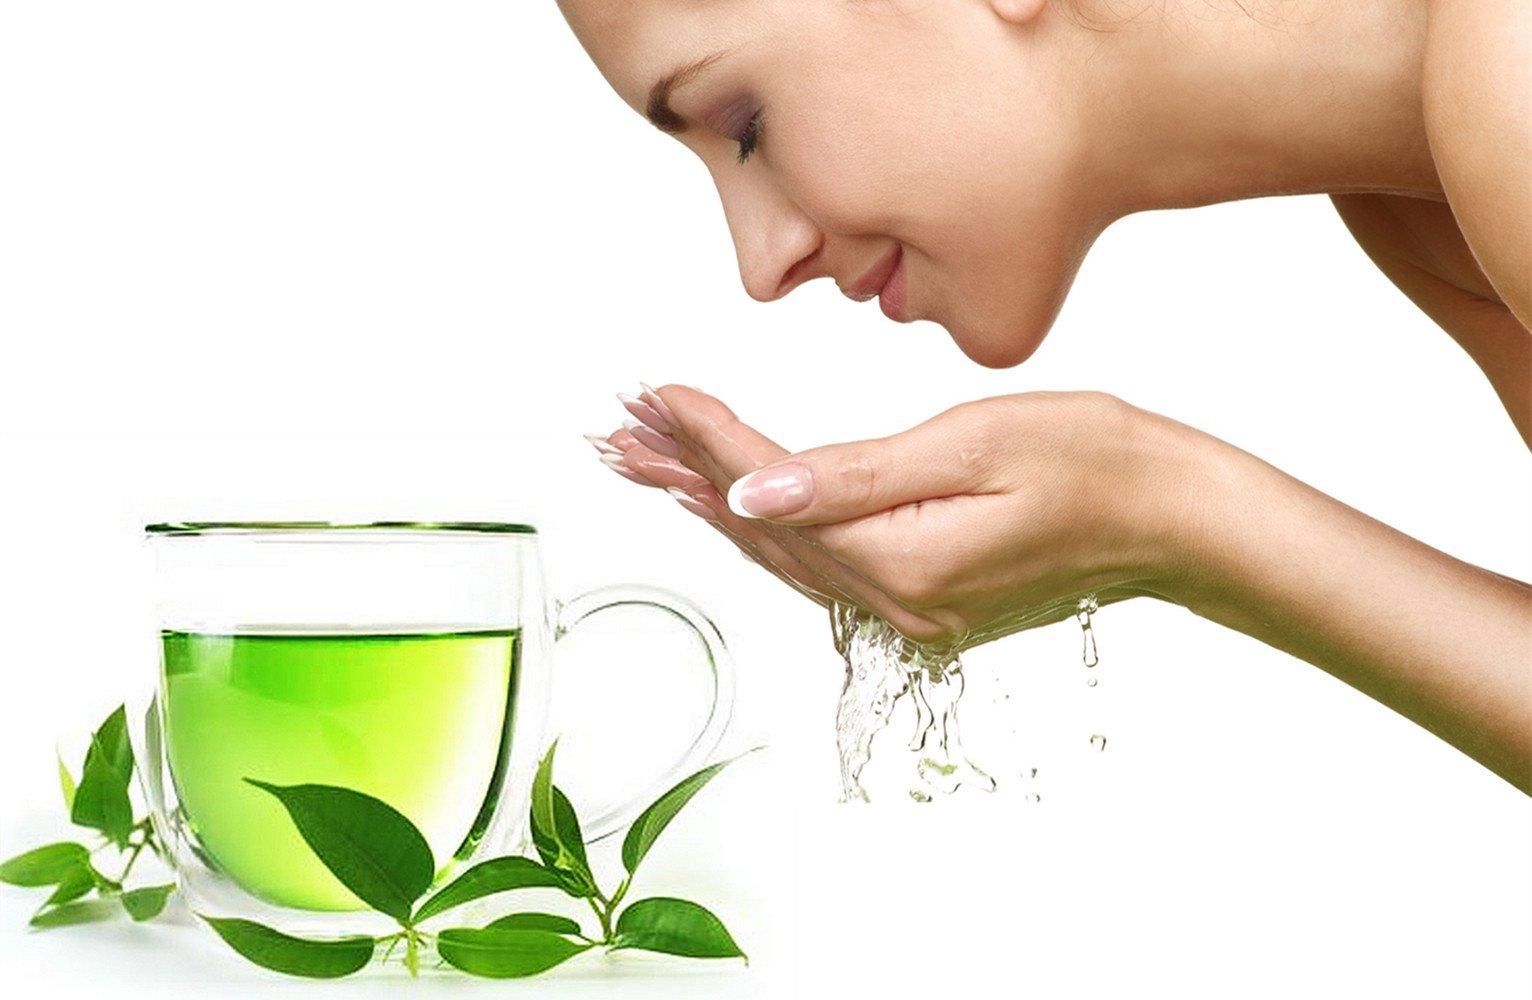 Dùng nước trà xanh rửa măt giúp loiaj sạch bụi bẩn, giúp da sáng mịn và tươi trẻ